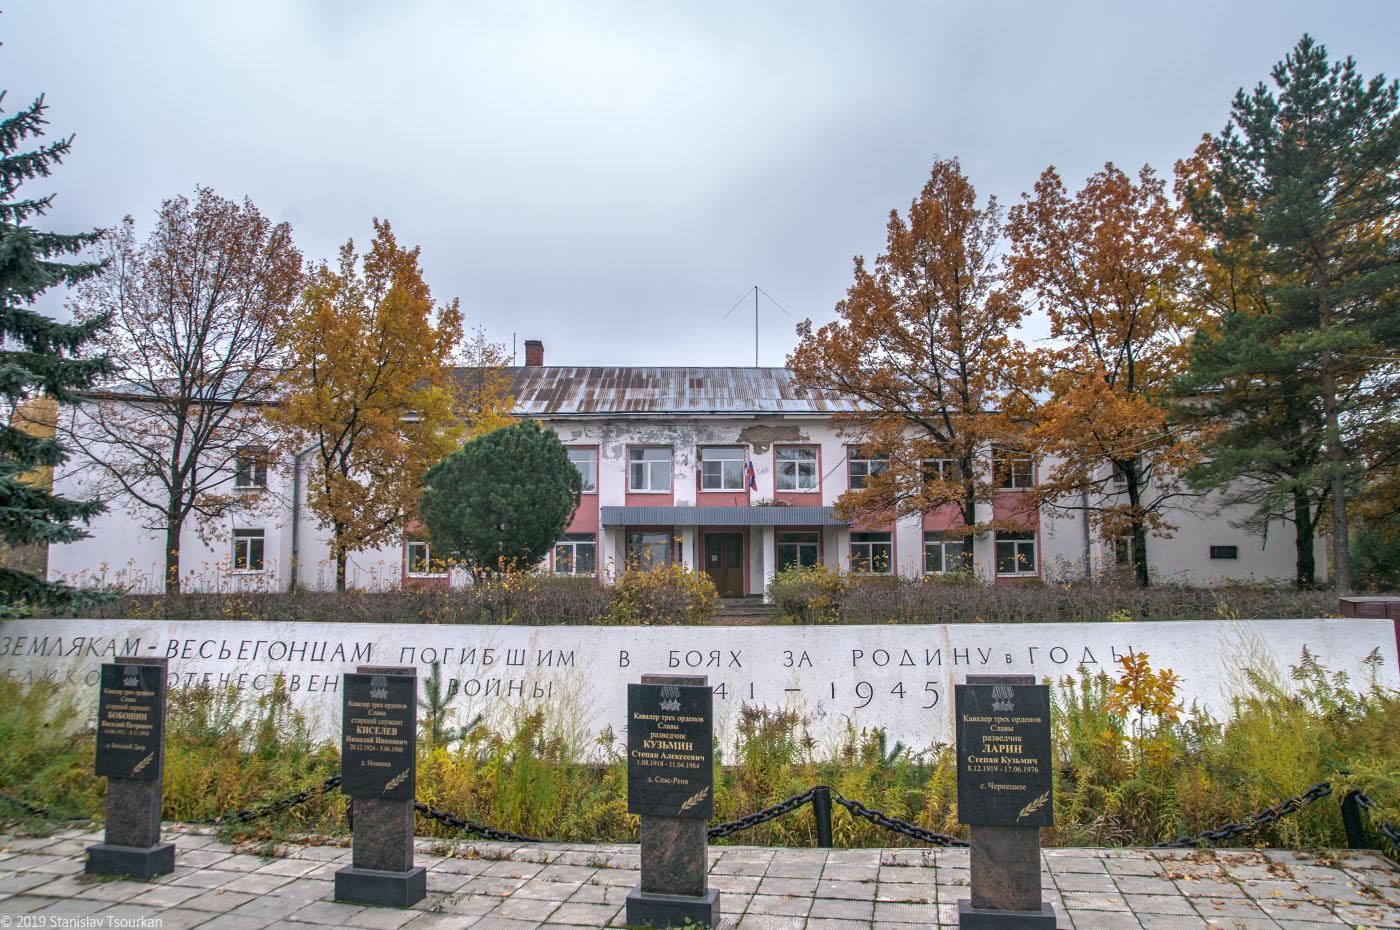 Весьегонск, Тверская область, монумент, мемориал, мемориал ВОВ, ВОВ, районная администрация, администрация